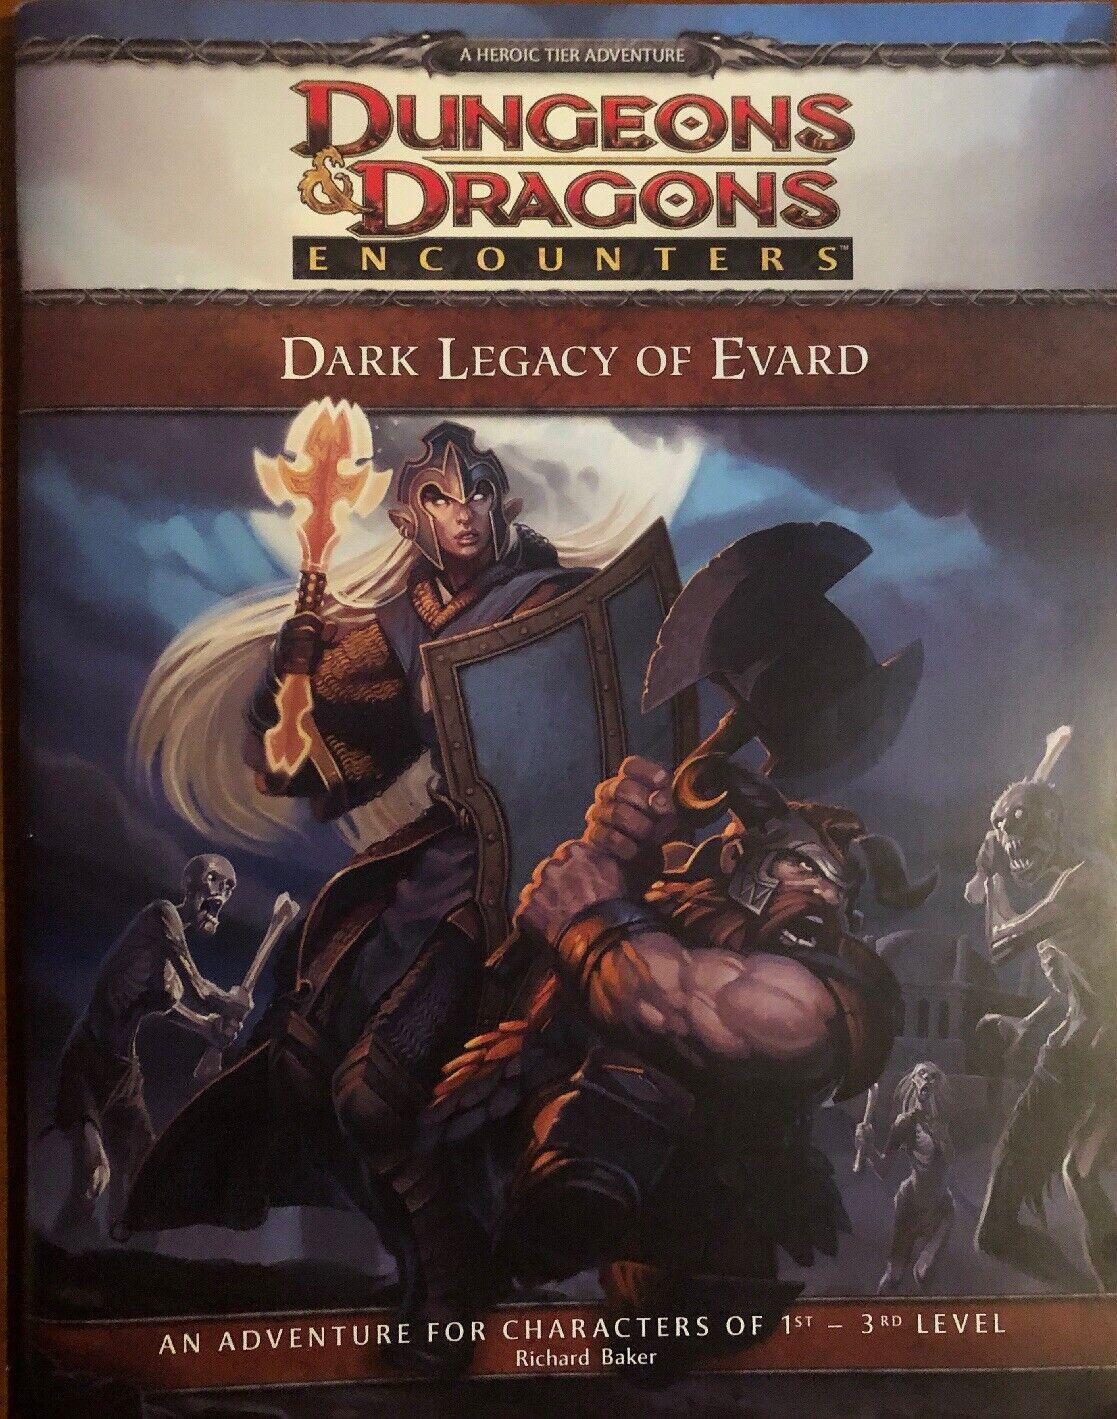 mejor precio Dungeons & Dragons D&D oscuro legado de Evard 1st-3rd 1st-3rd 1st-3rd nivel, nuevo  el estilo clásico